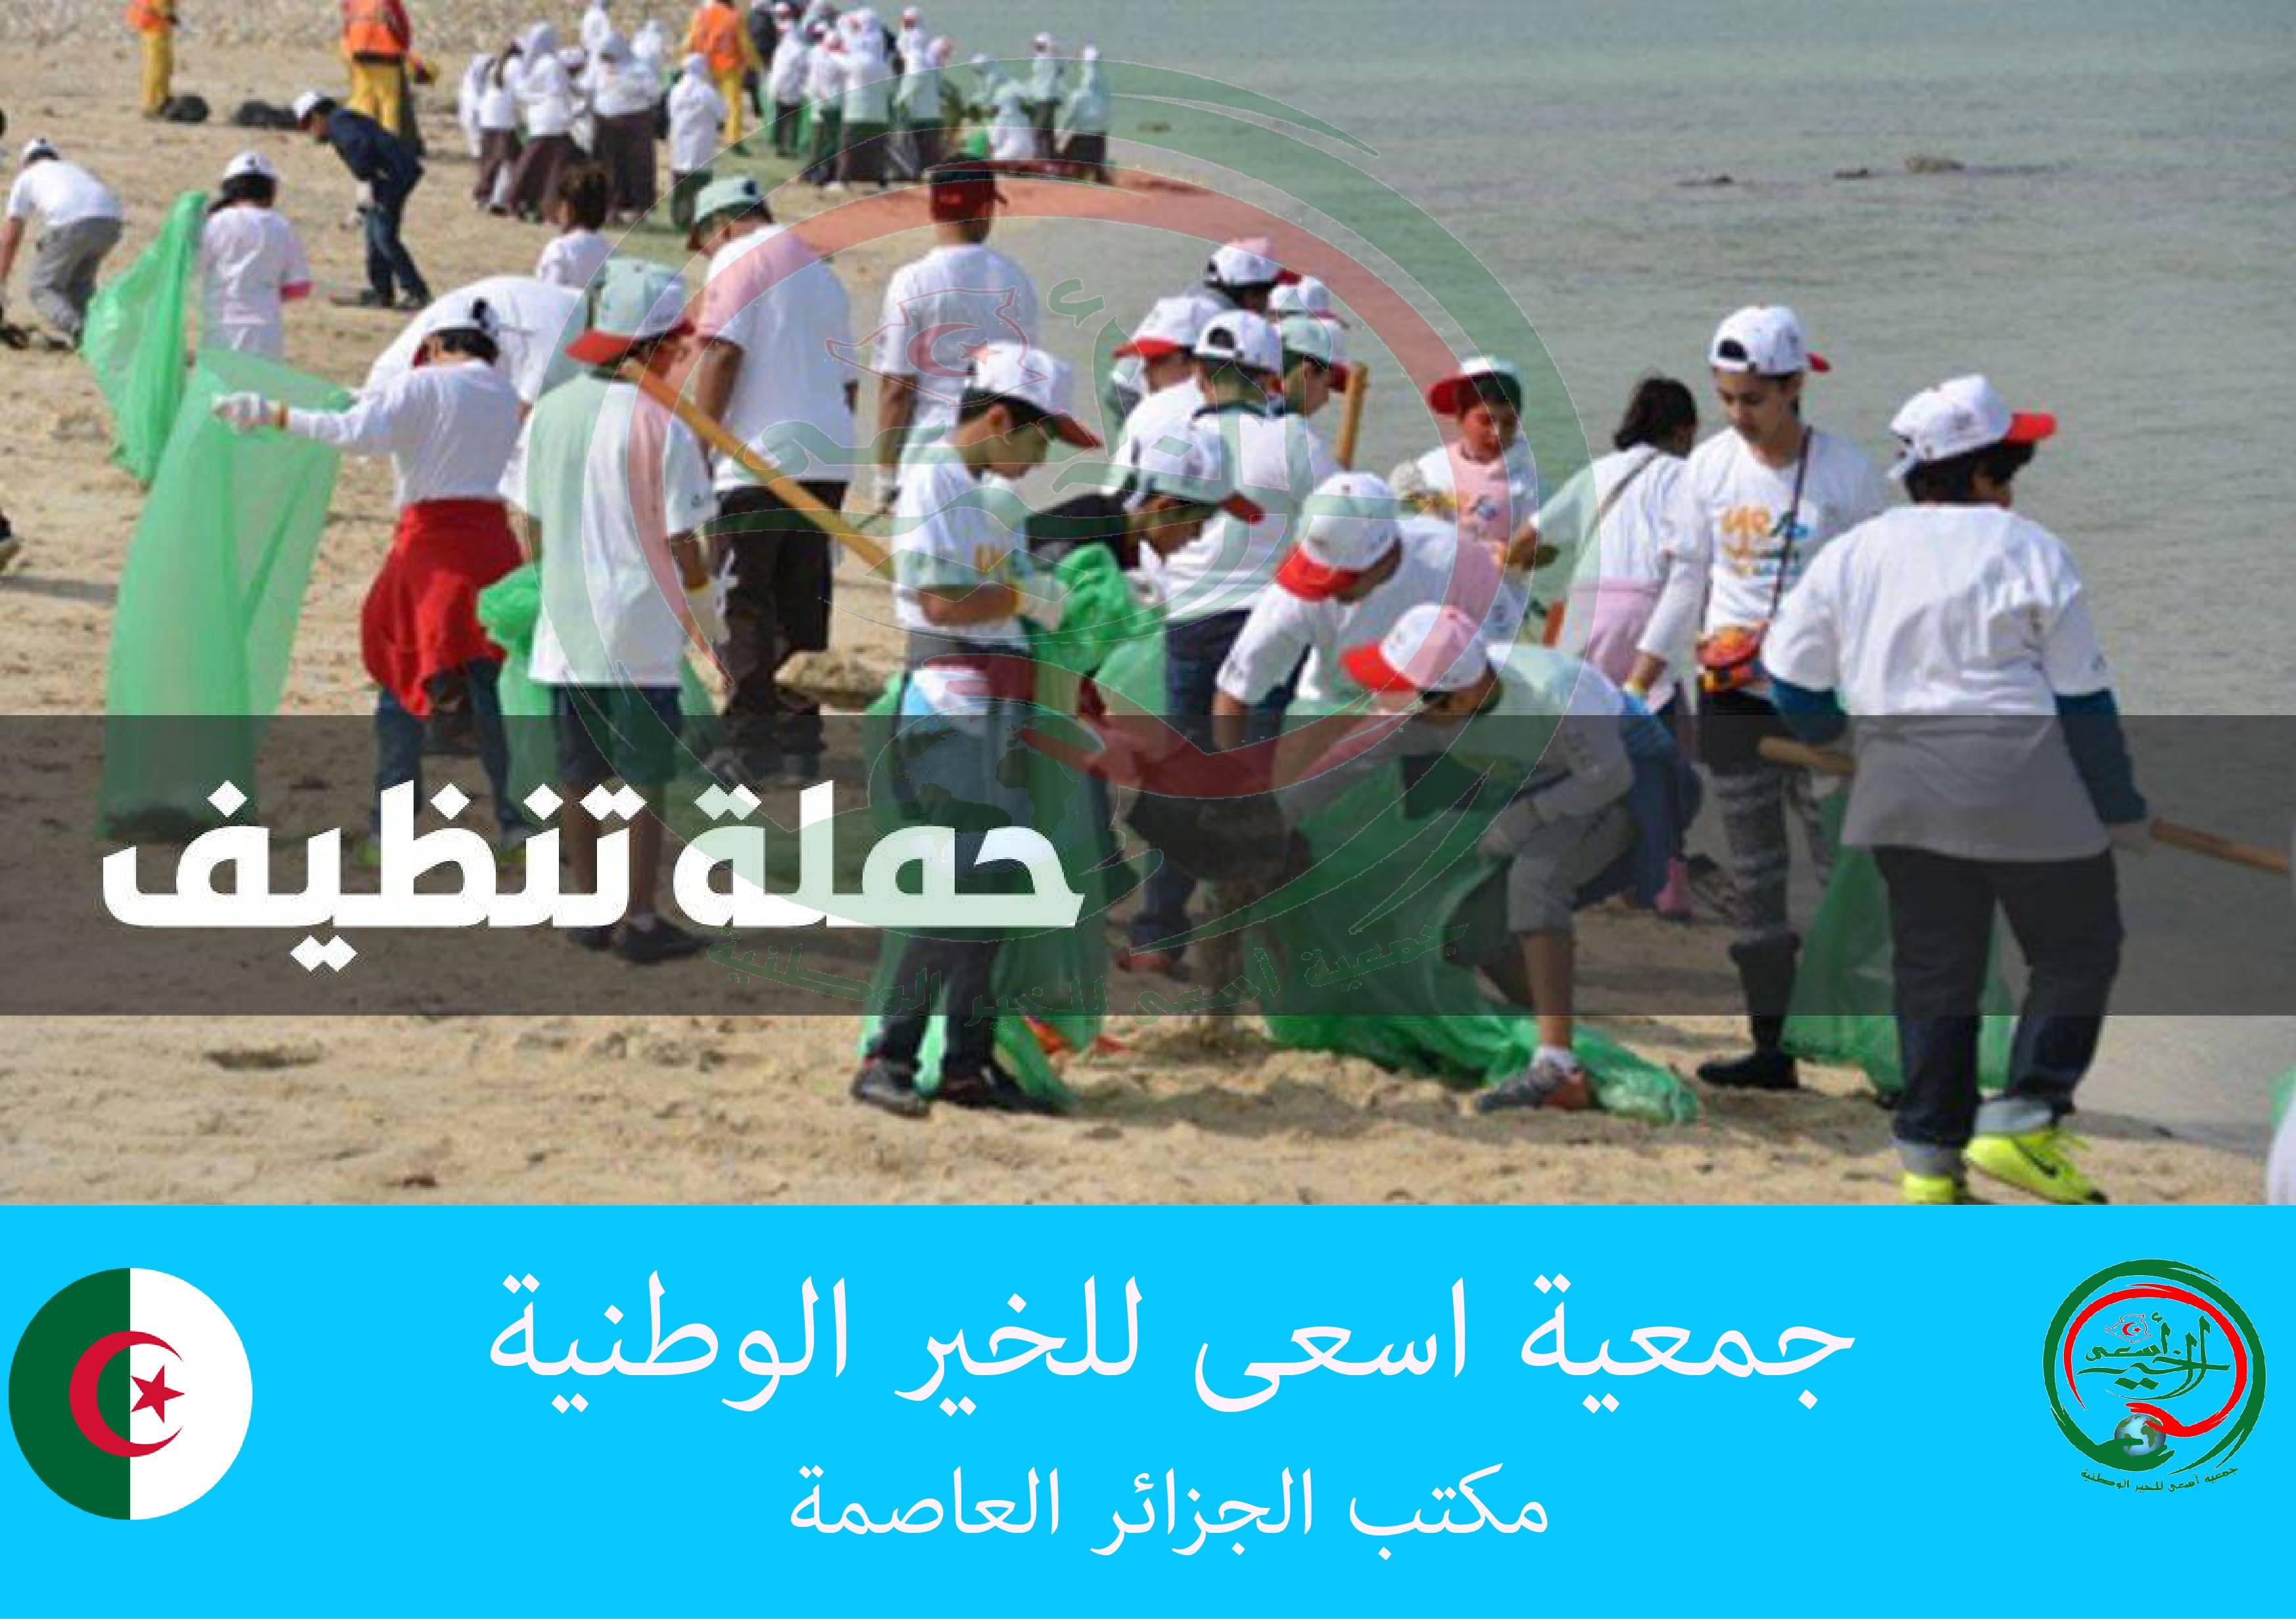 حملة تنظيف الشواطئ - جمعية اسعى للخير الوطنية